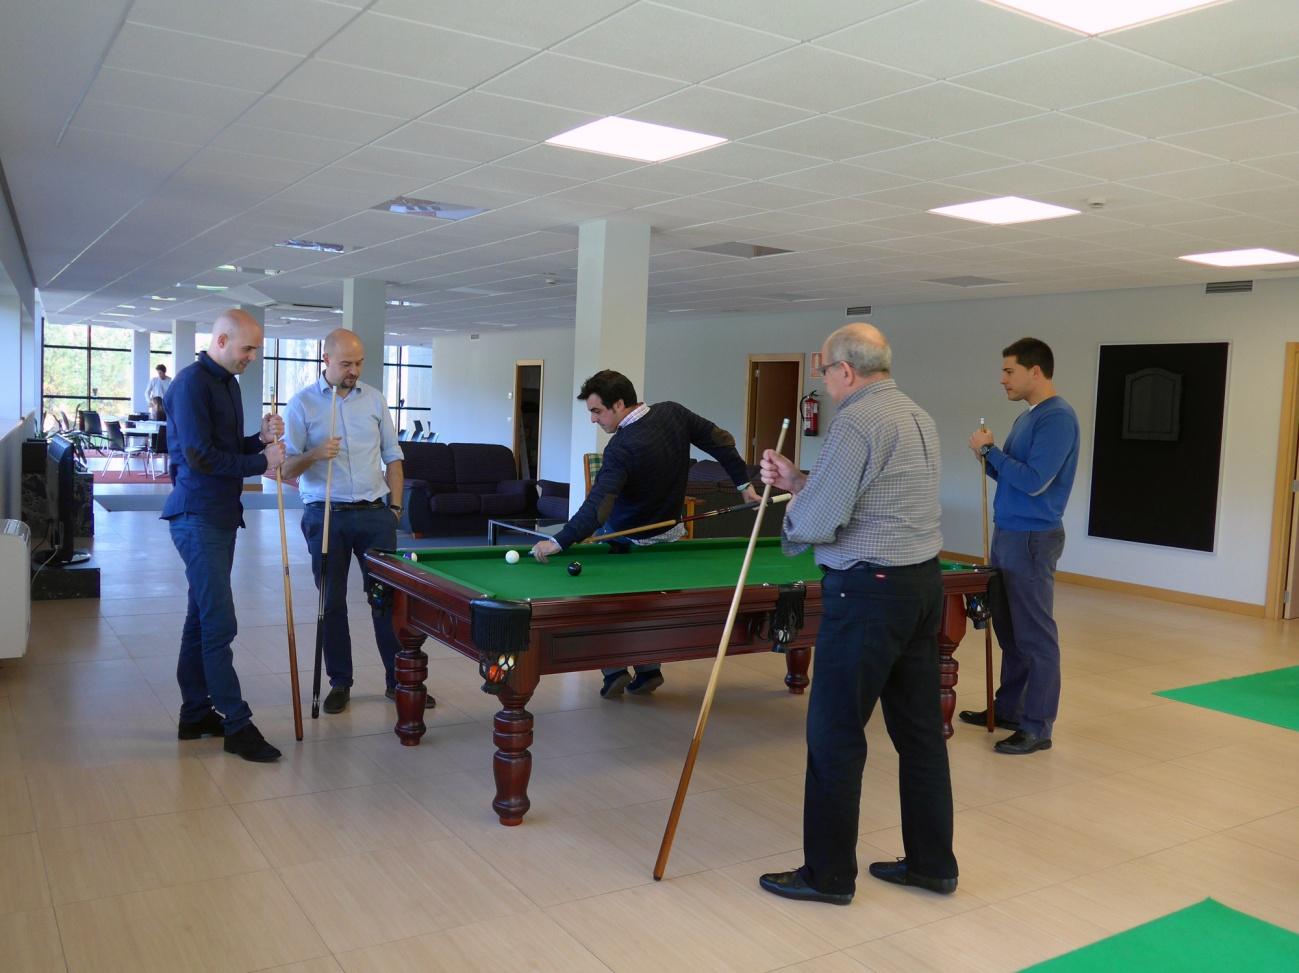 Imagen jugando al billar y a ping pong en CV Protection